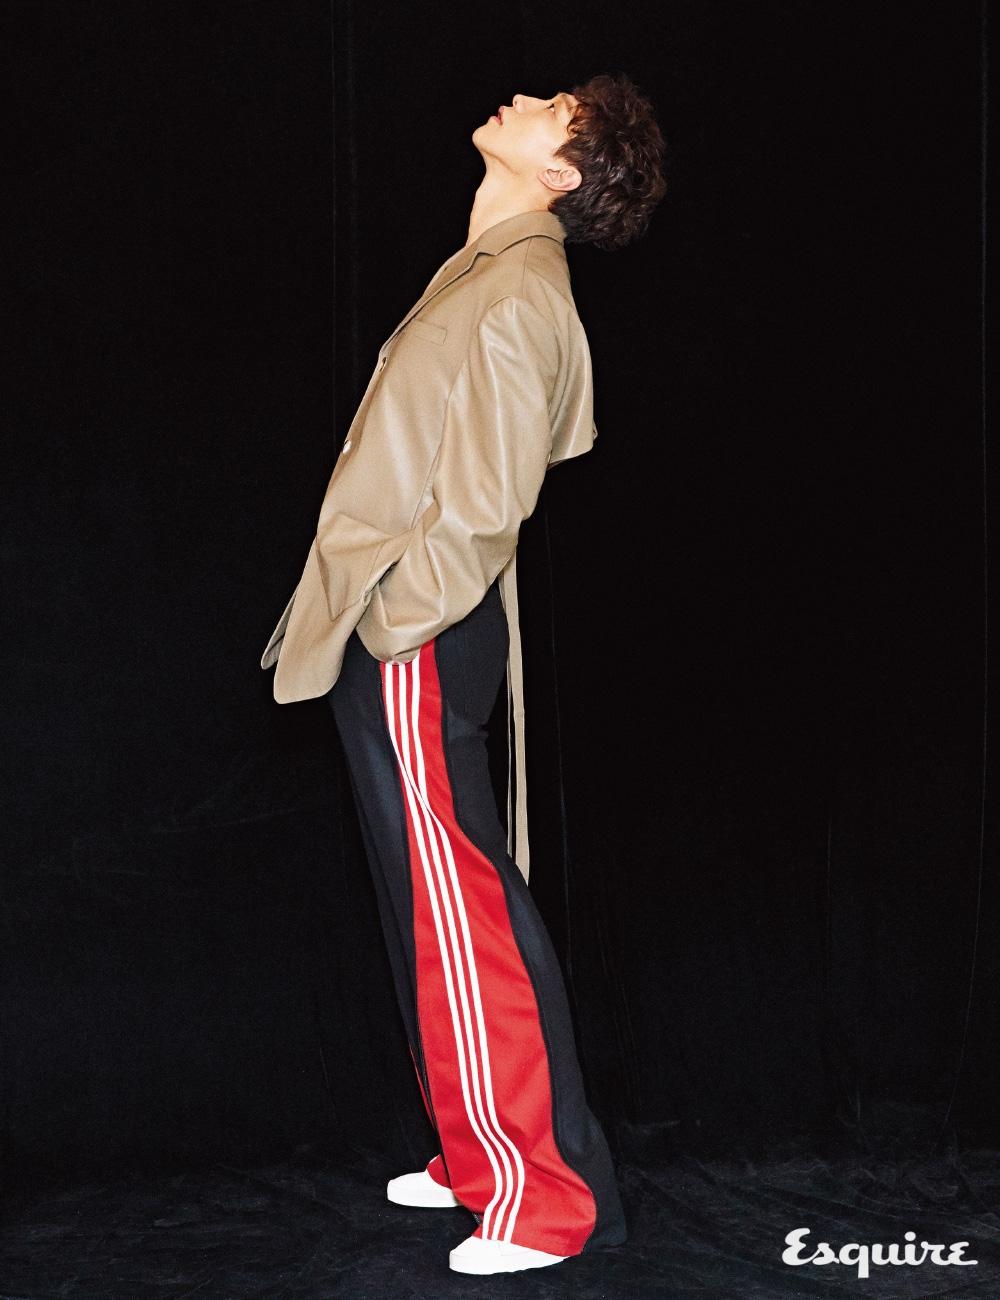 가죽 재킷, 바지 모두 오디너리 피플. 운동화 골든 구스 디럭스 브랜드.